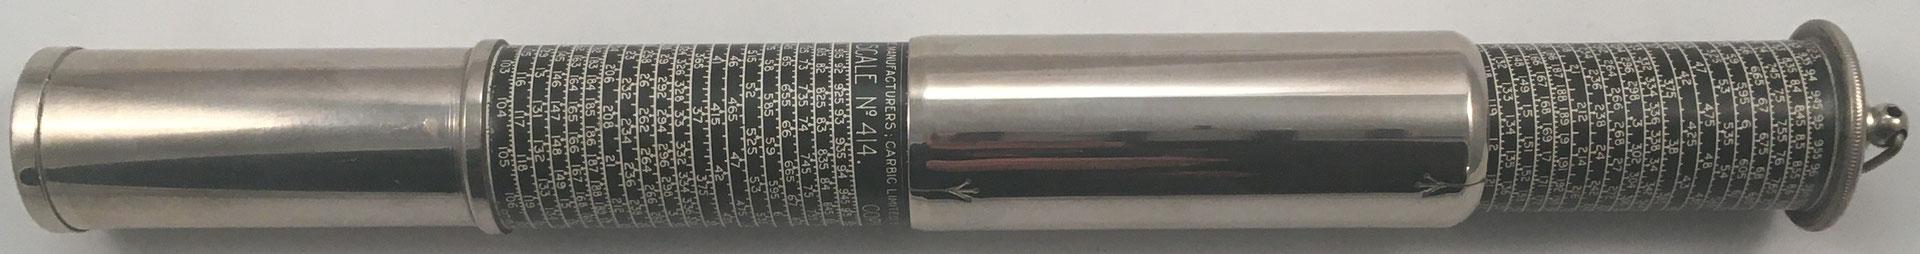 OTIS KING'S Poket Calculator, Modelo K tipo III, escalas nº 414 y nº 423, s/n 5230, made in England, año 1923, 3 cm diámetro (longitud: 15 cm cerrada, 26 cm desplegada),  (precio estimado: 150€)